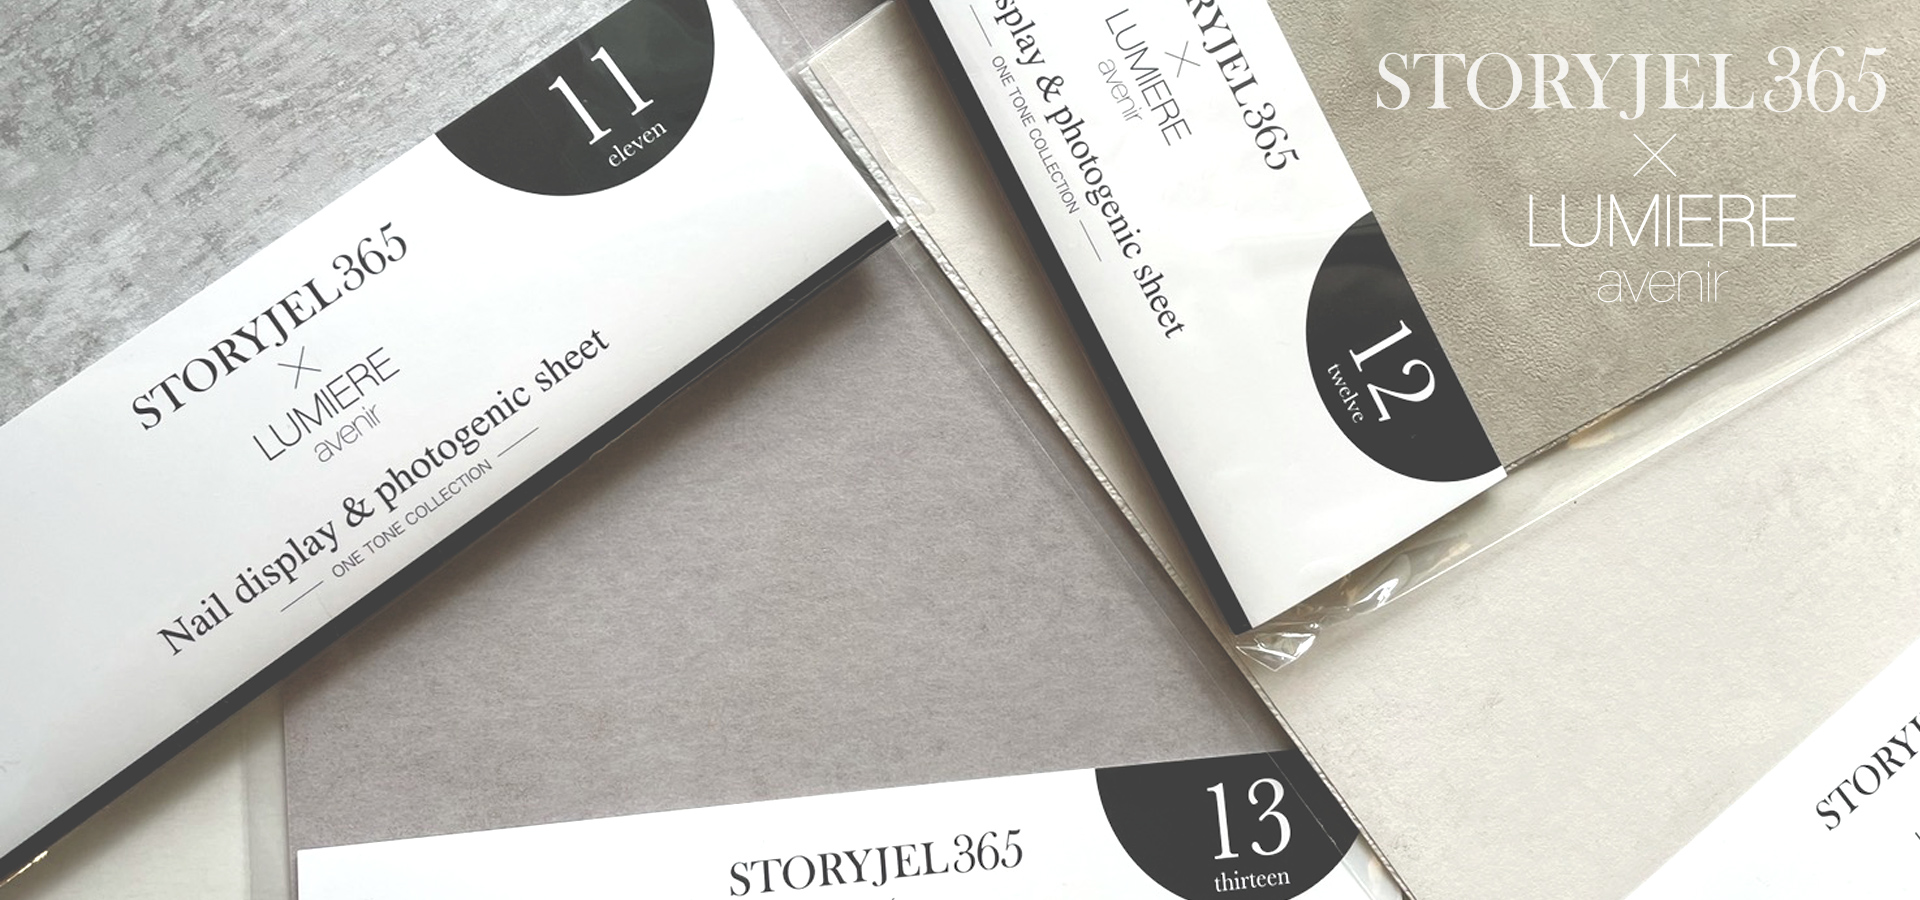 STORYJEL365 ストーリージェル365